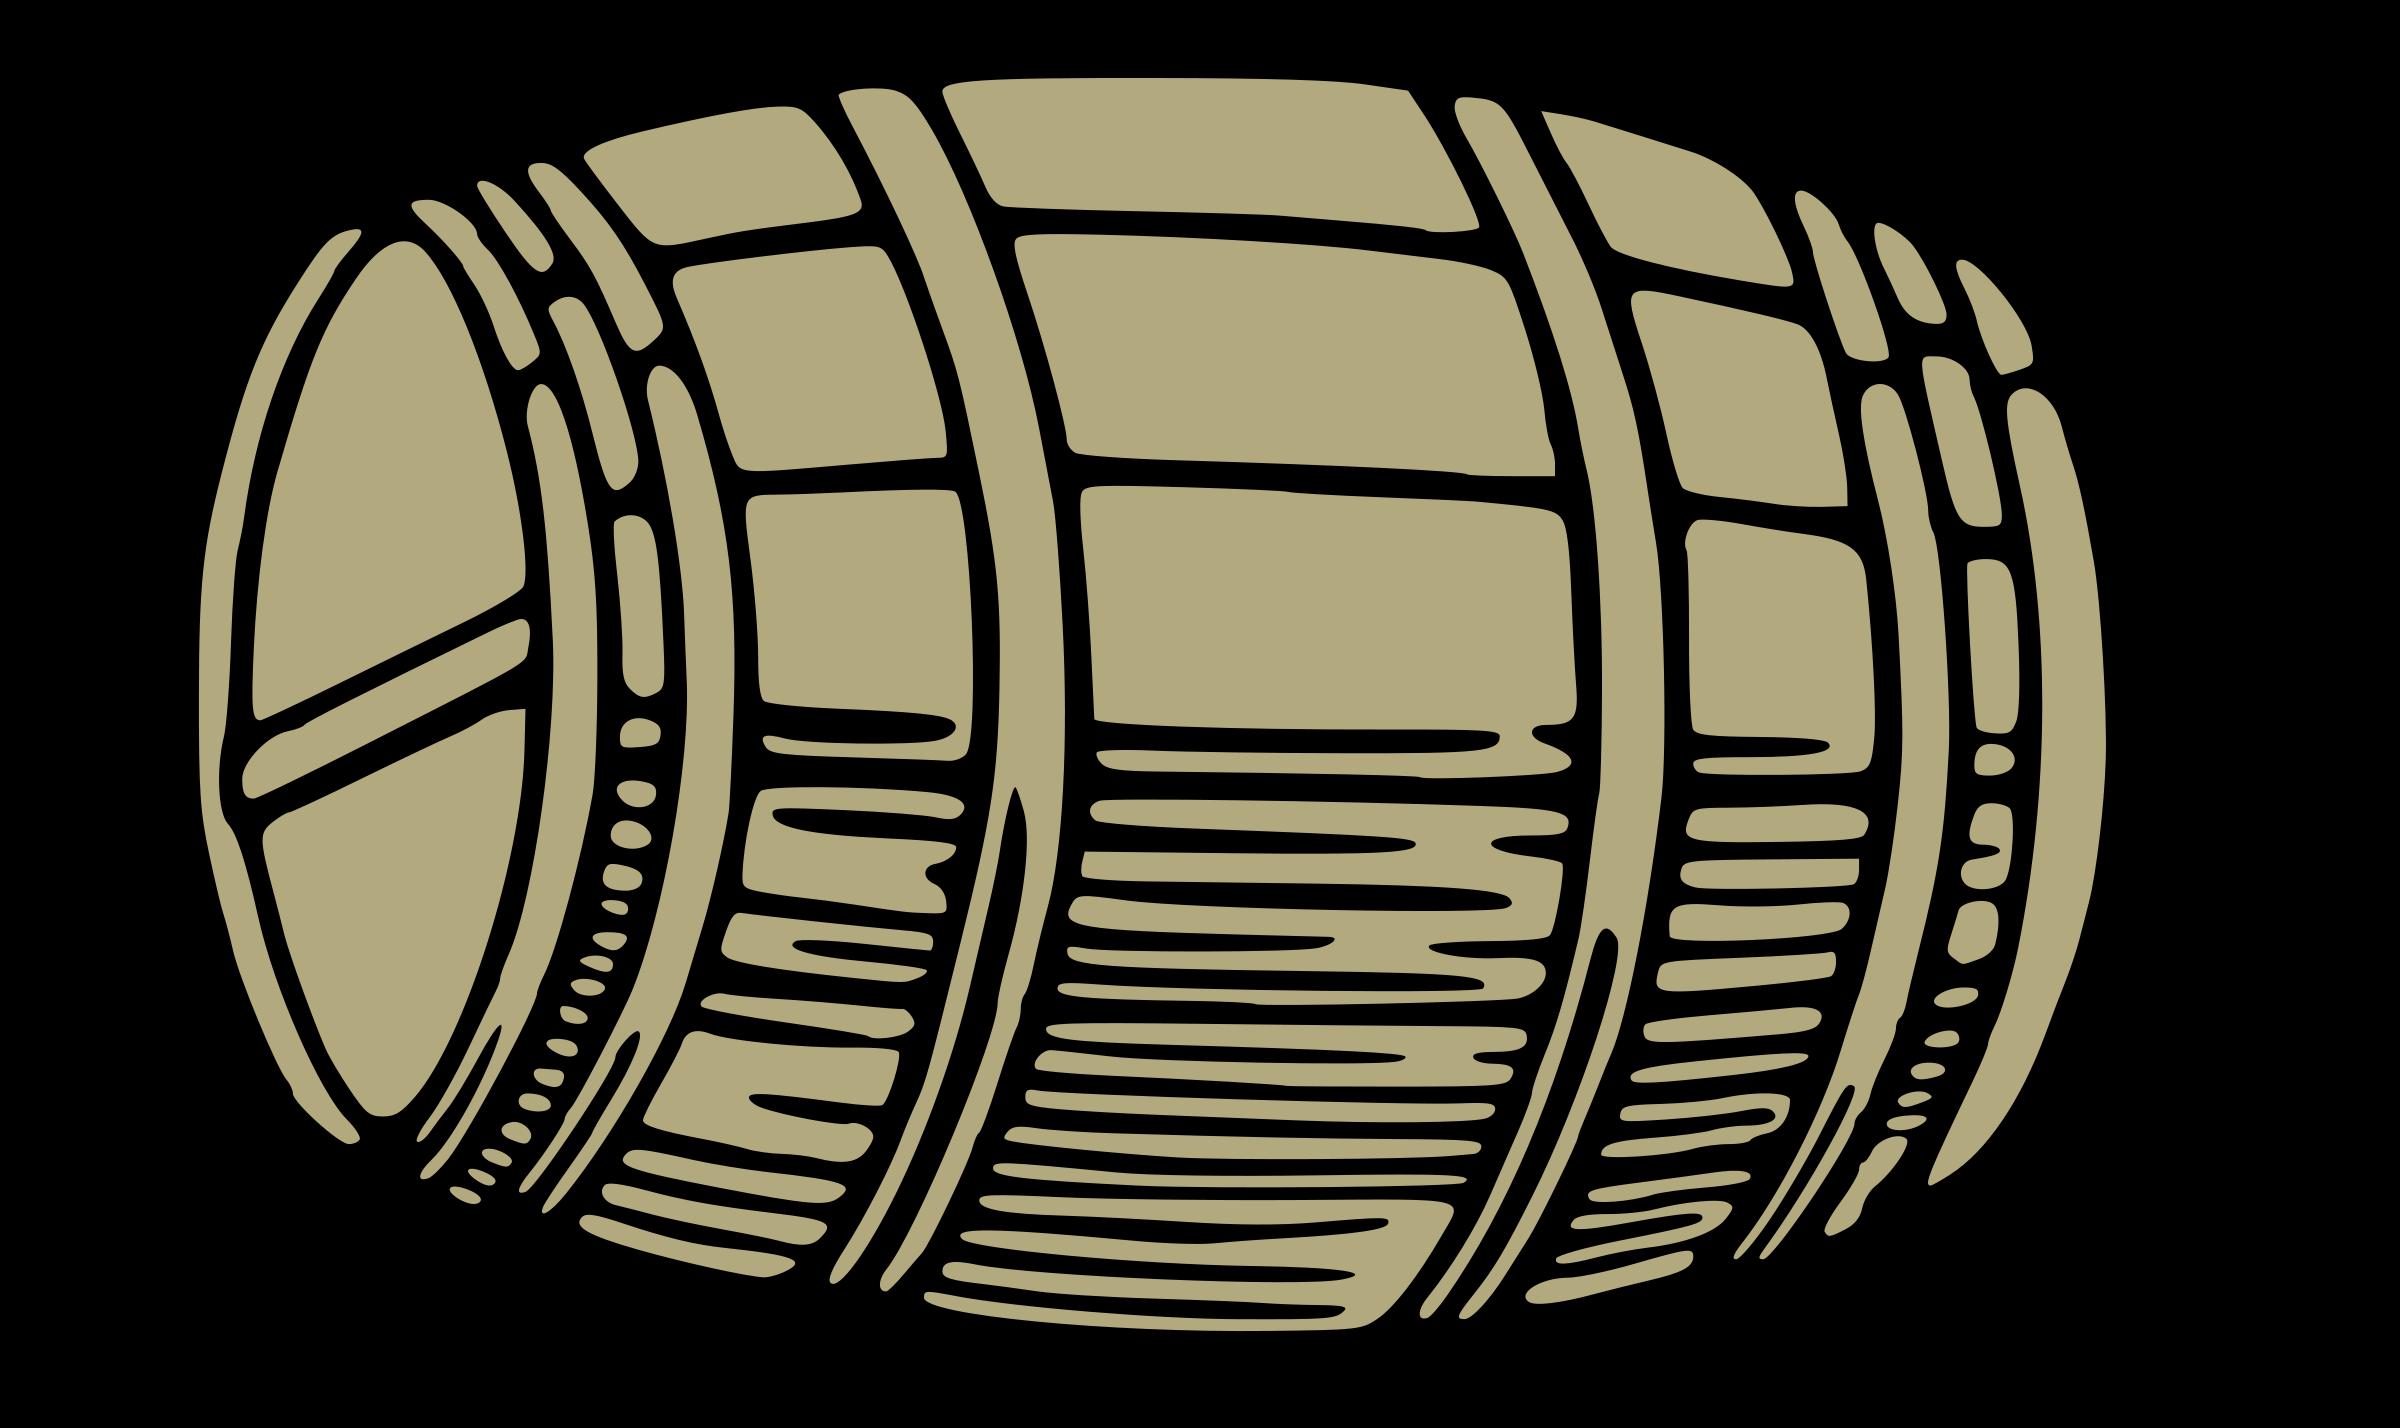 Barrel clipart clip art. Free cliparts download